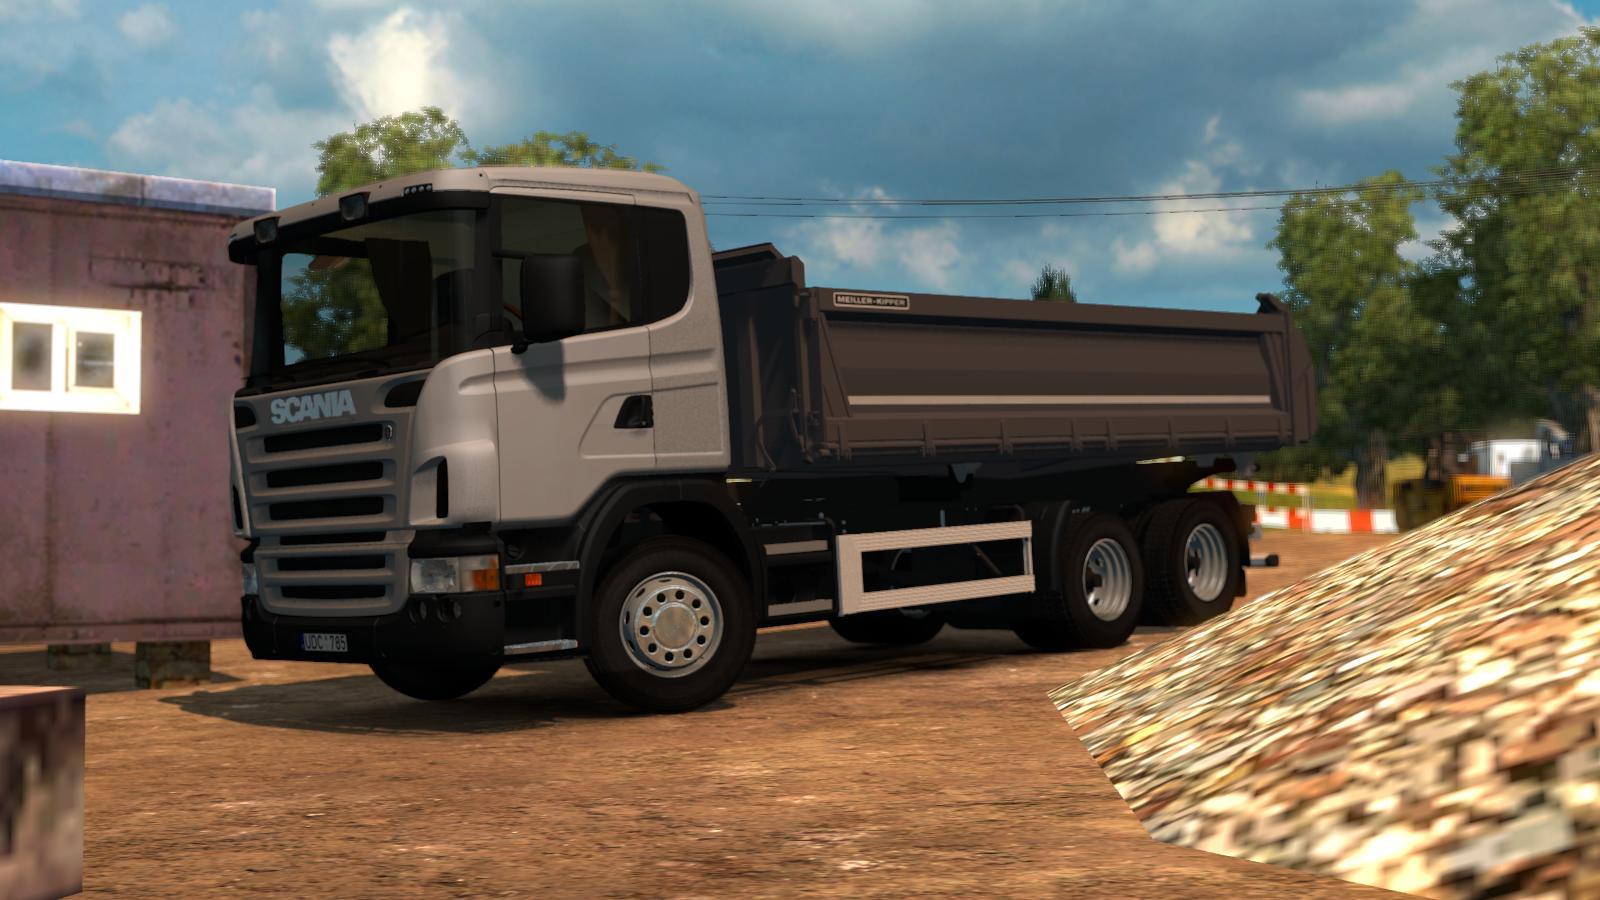 Scania Dumper 6x4 V1 0 Truck Euro Truck Simulator 2 Mods